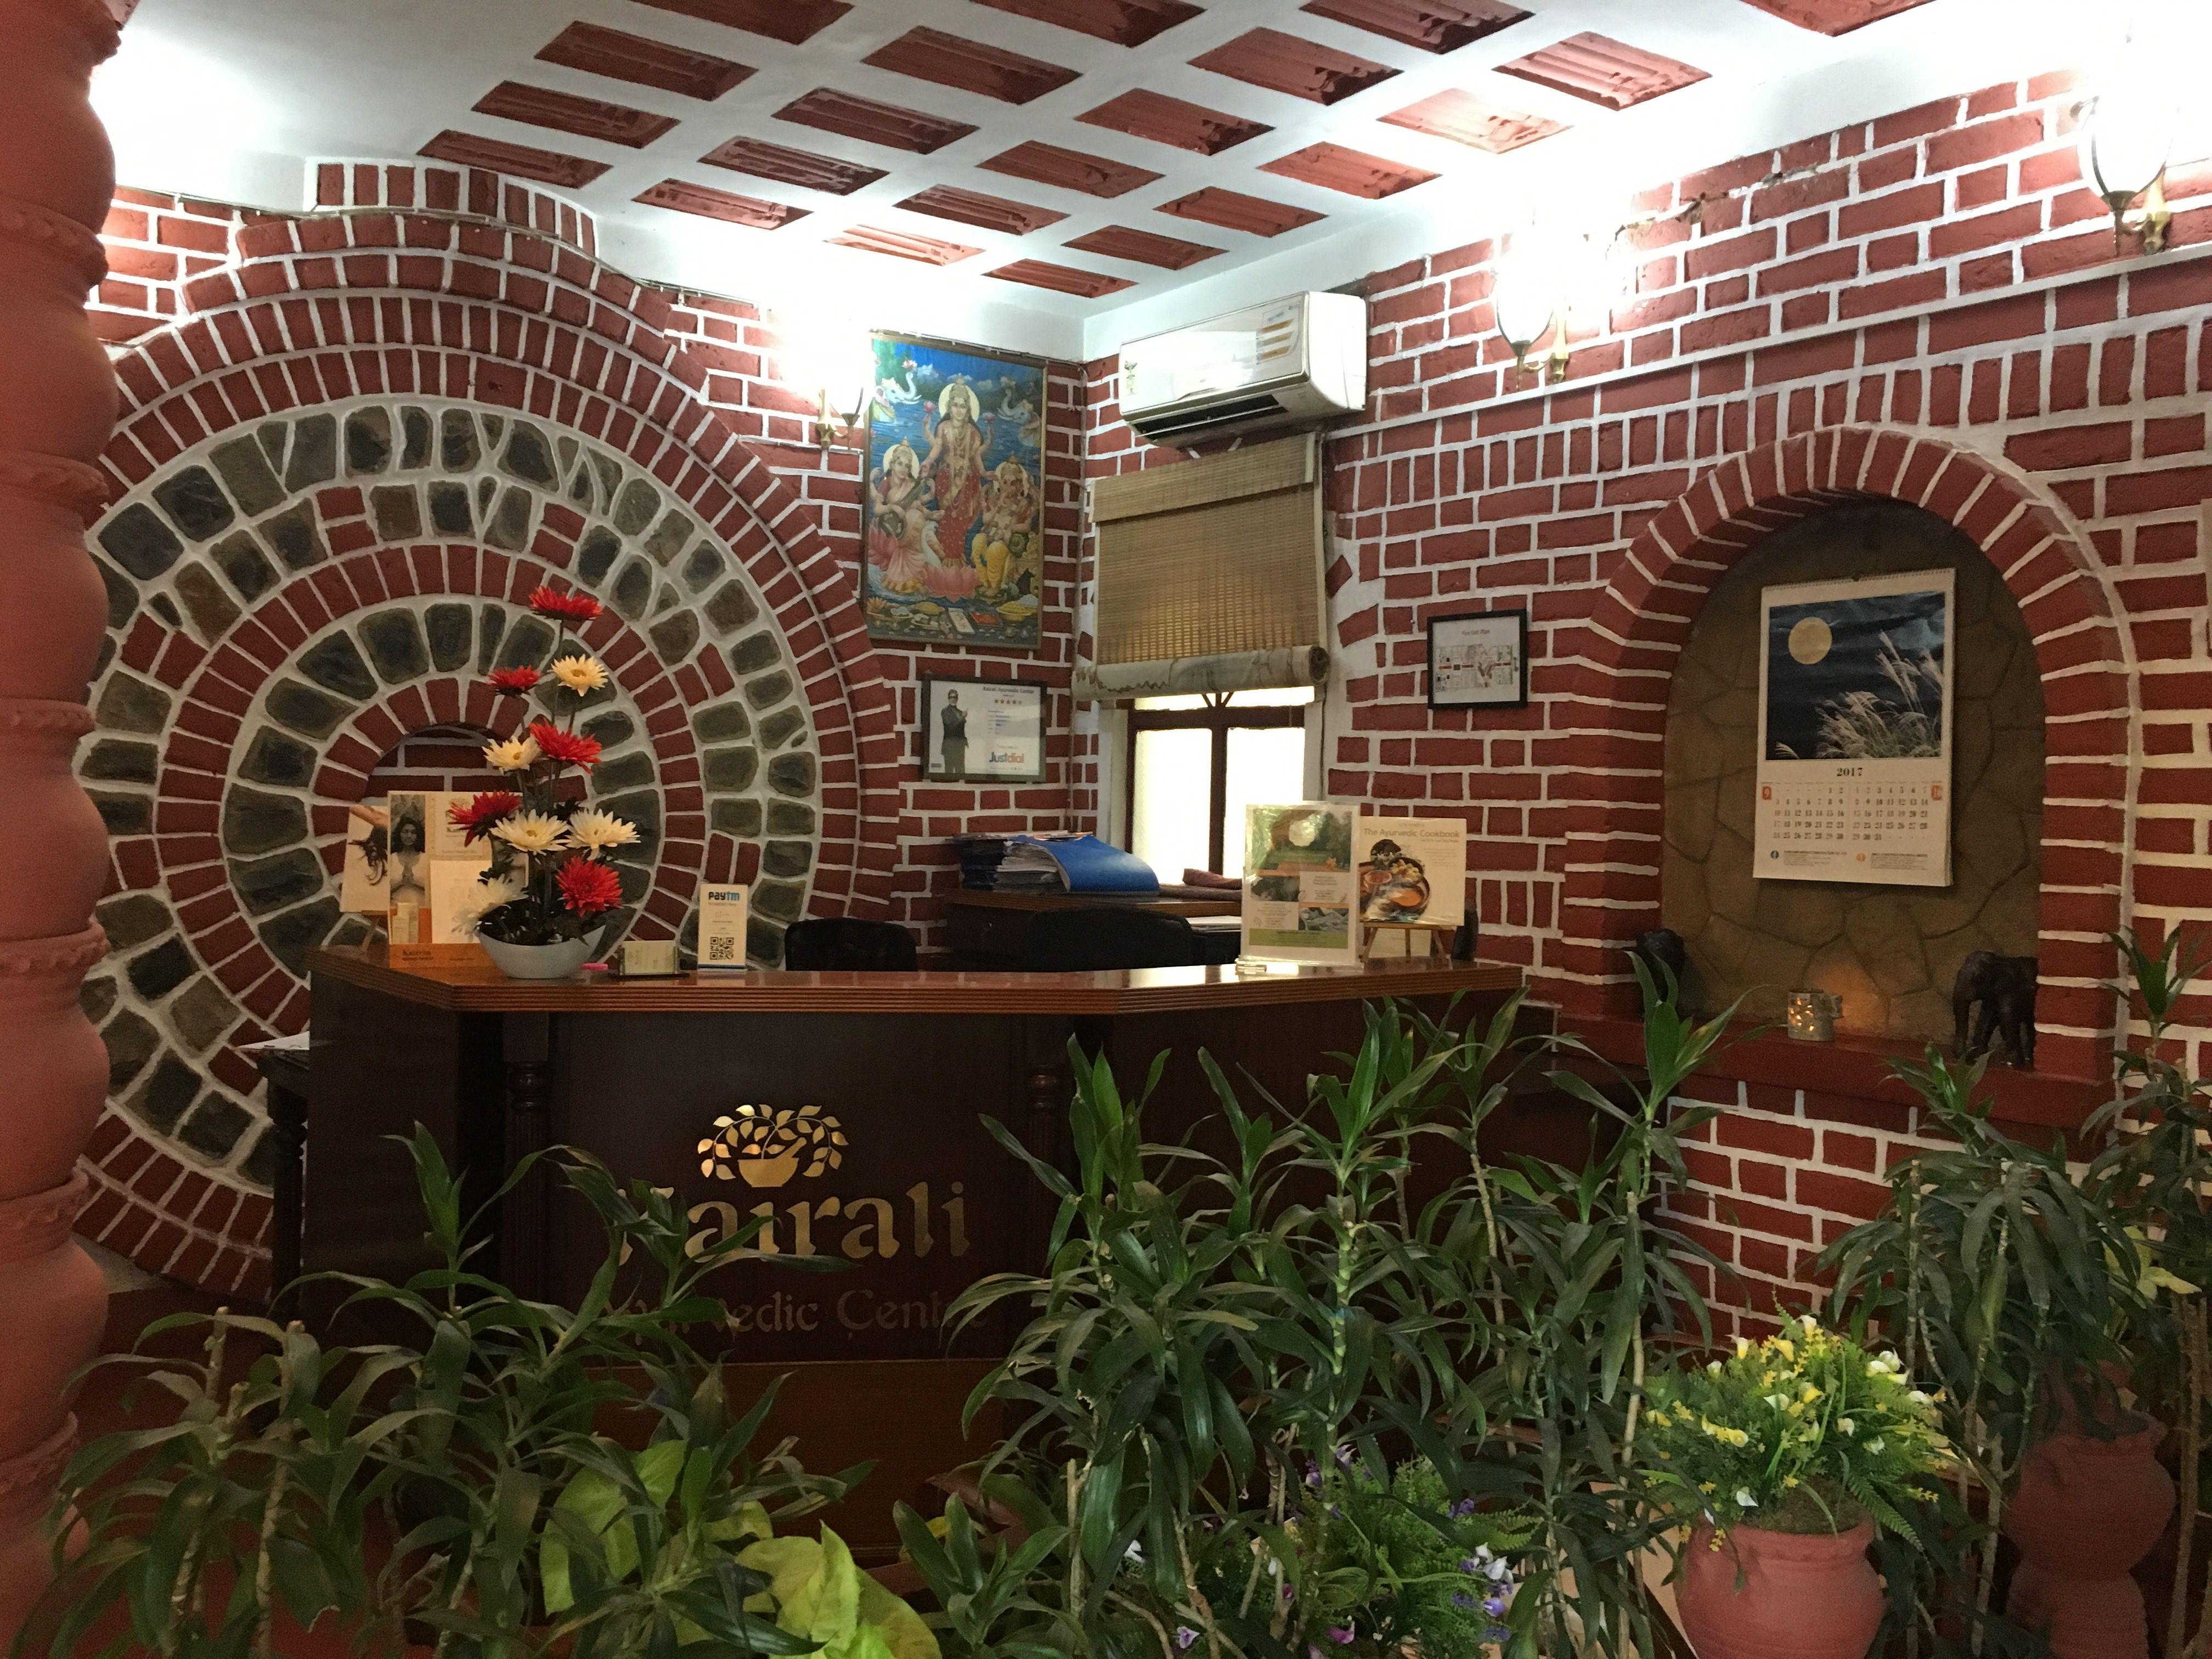 Kairali Healing Centre